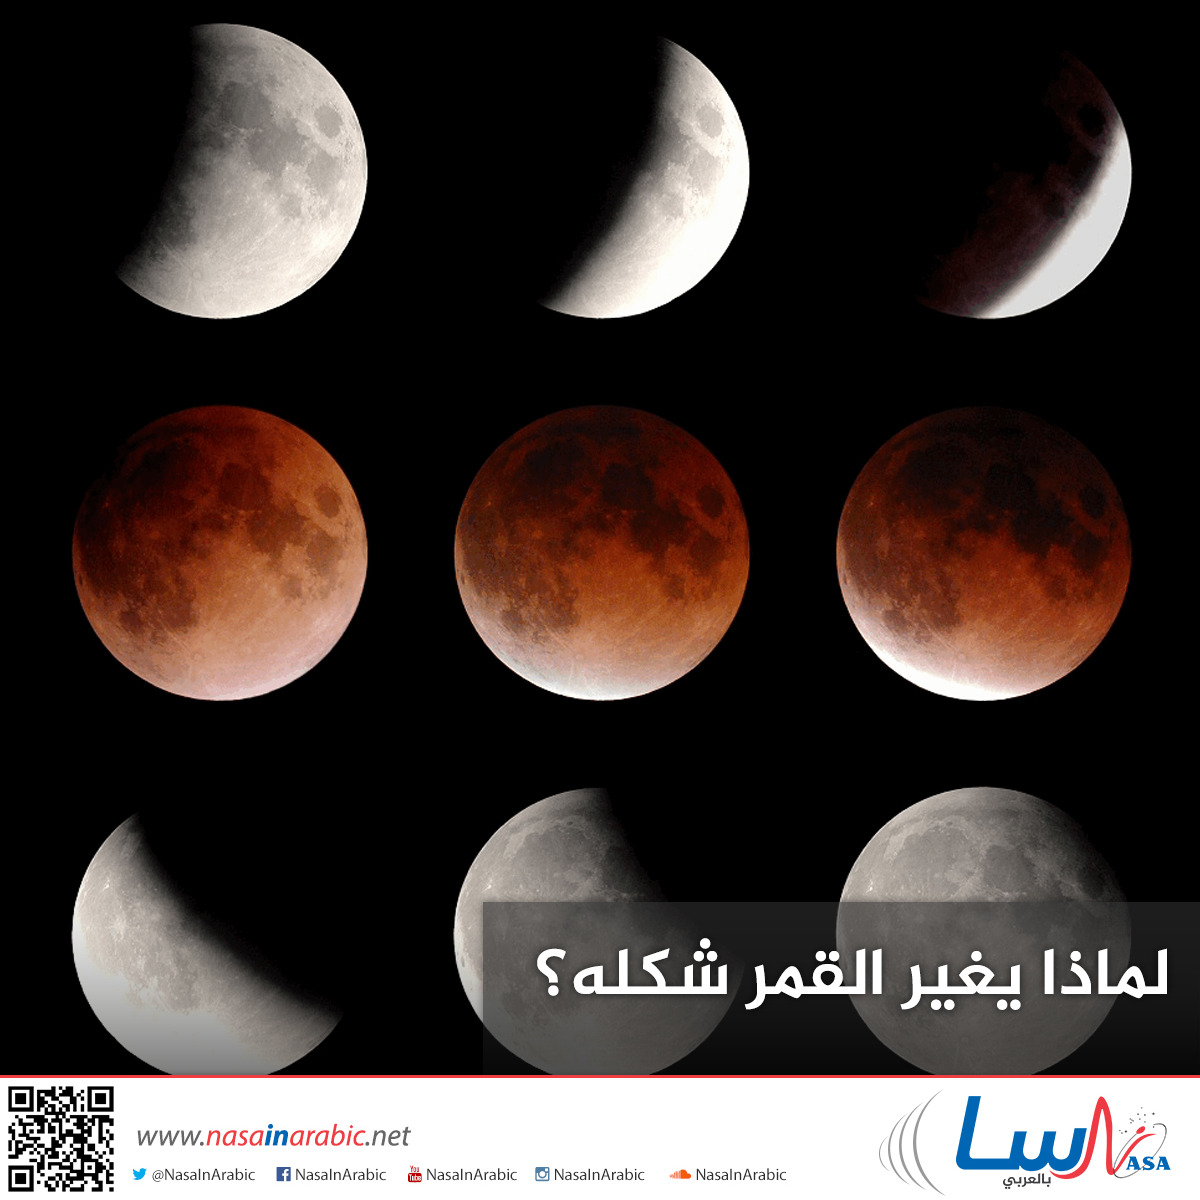 لماذا يغير القمر شكله؟